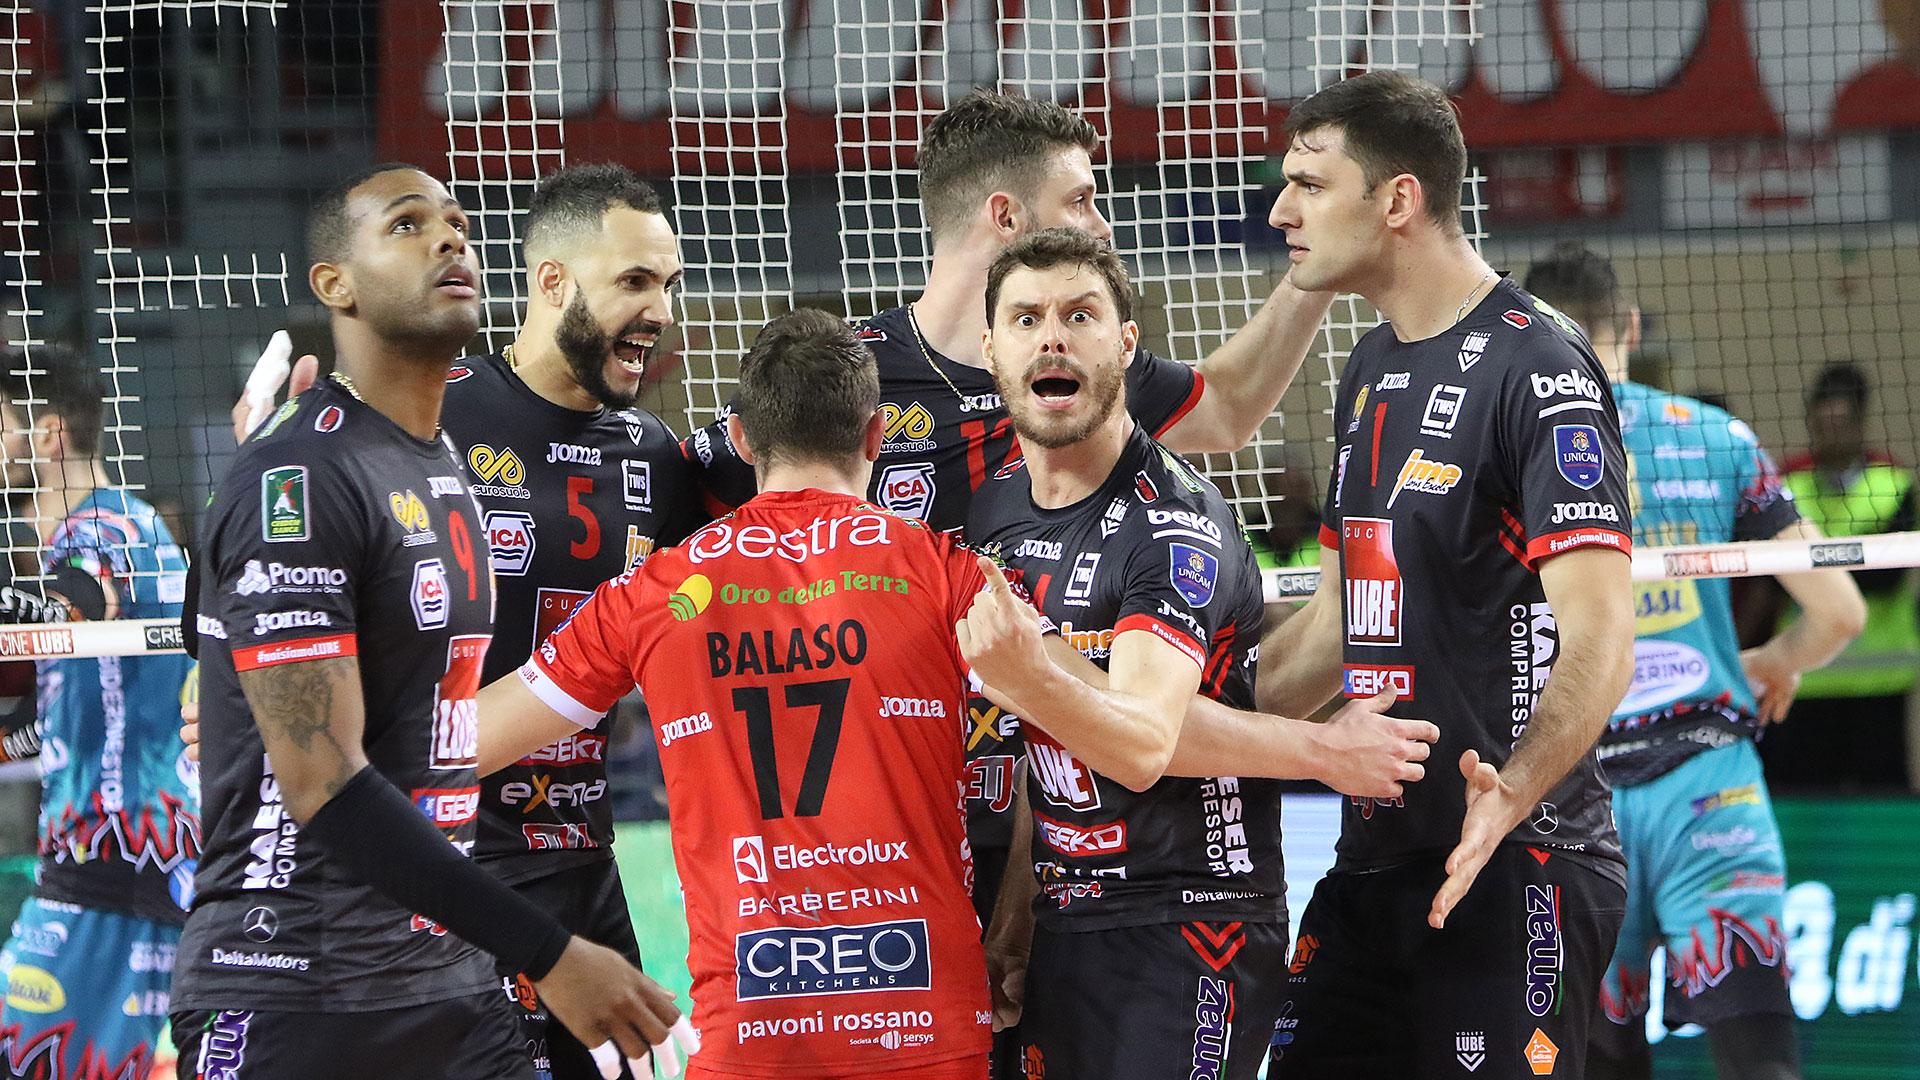 Lube a Perugia, sfida finale per il tricolore con la Sir Fafety